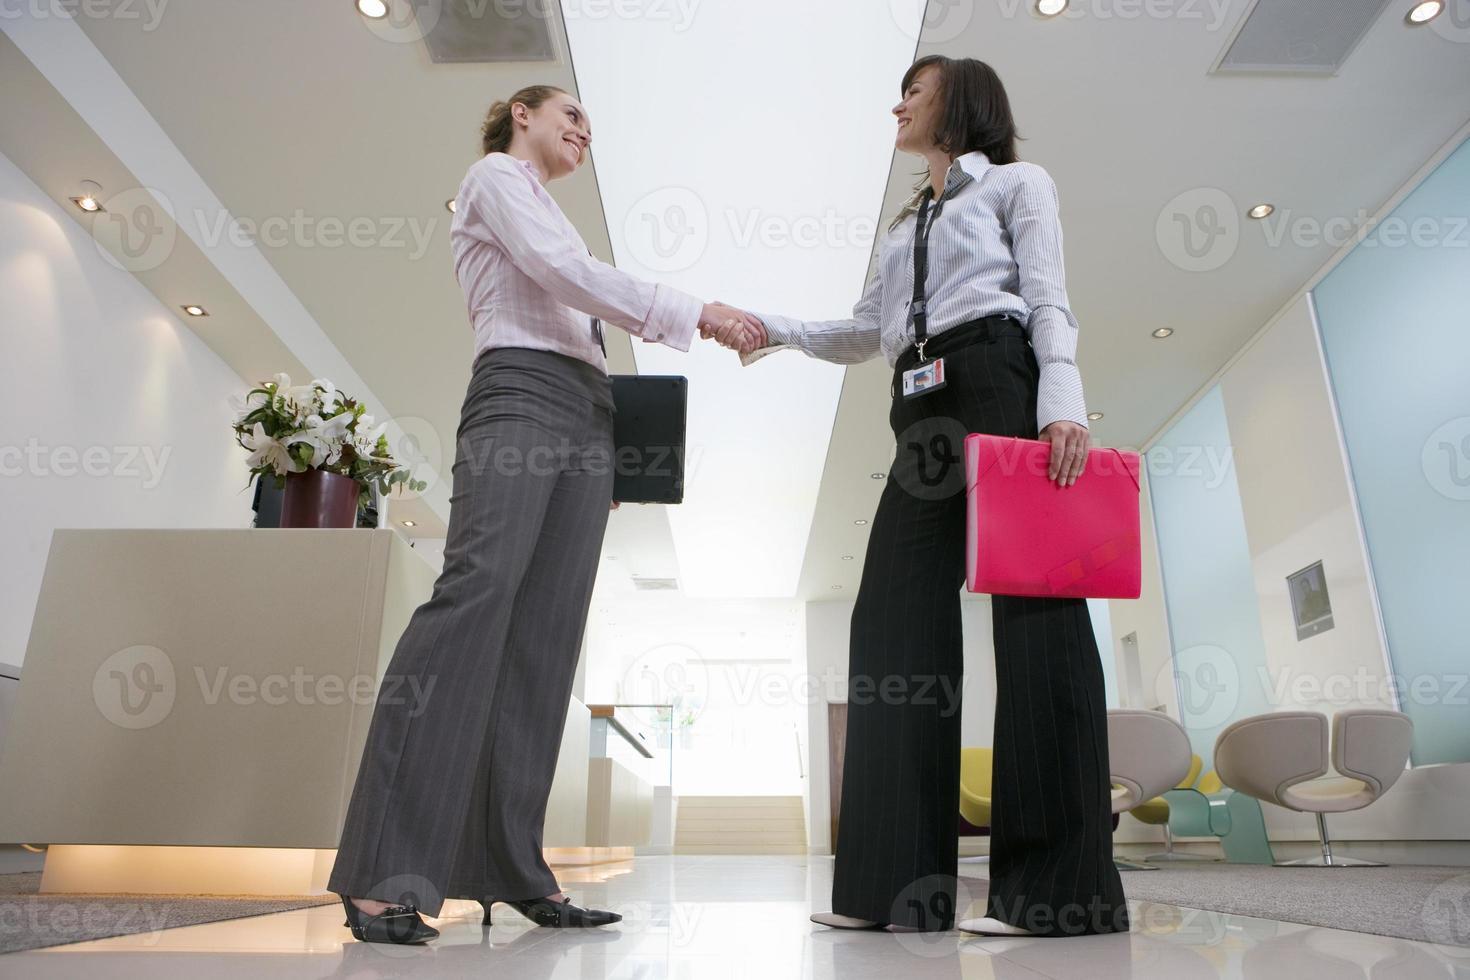 twee ondernemers schudden handen in de lobby, glimlachend, oppervlak foto